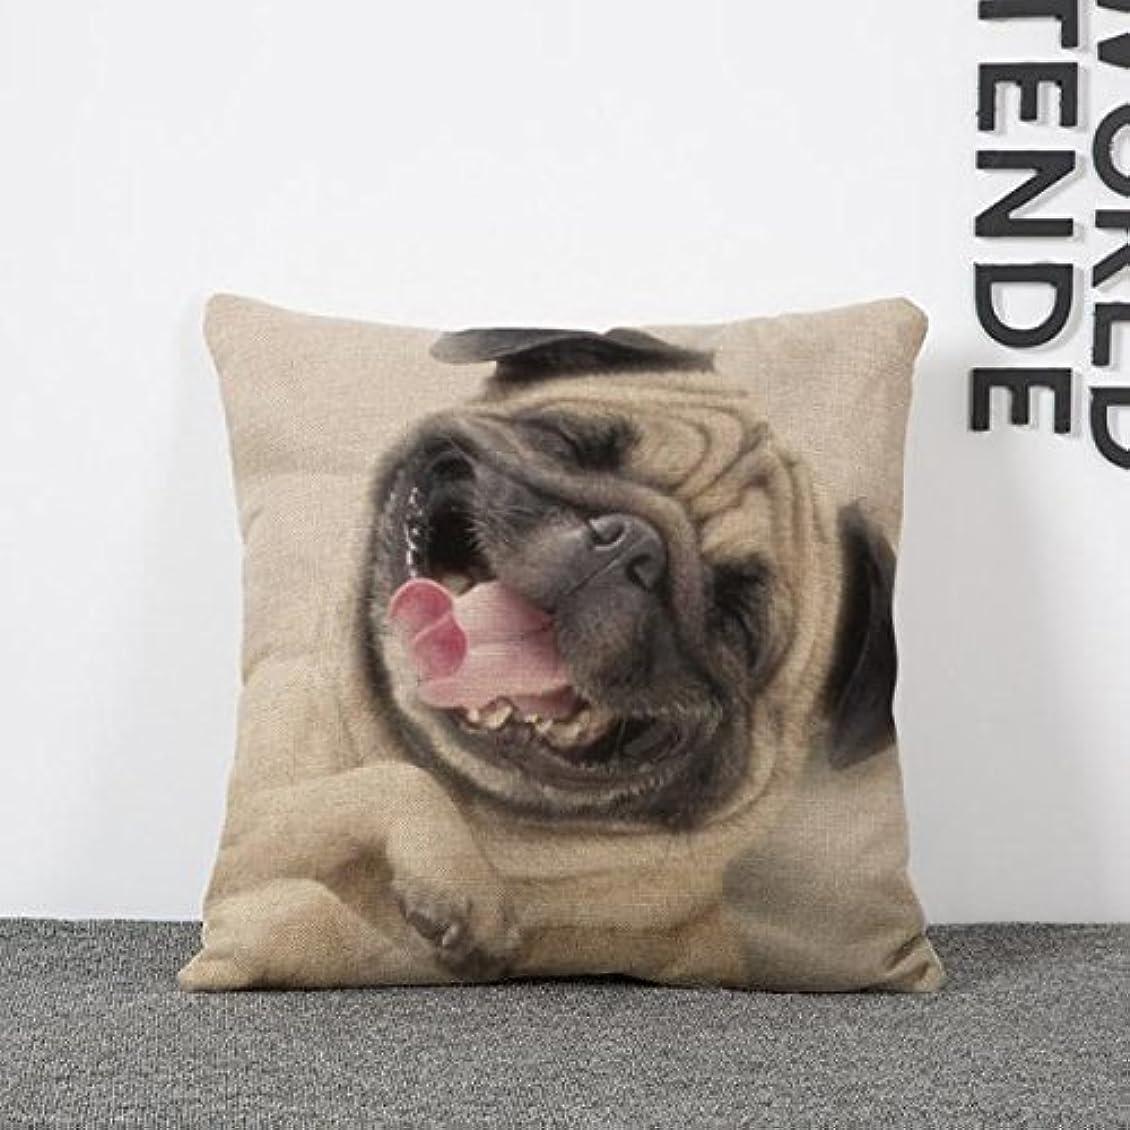 任意拒否記憶クッションカバー 犬 枕 装飾 45 * 45cm 漫画 ソファ ベッド コットン